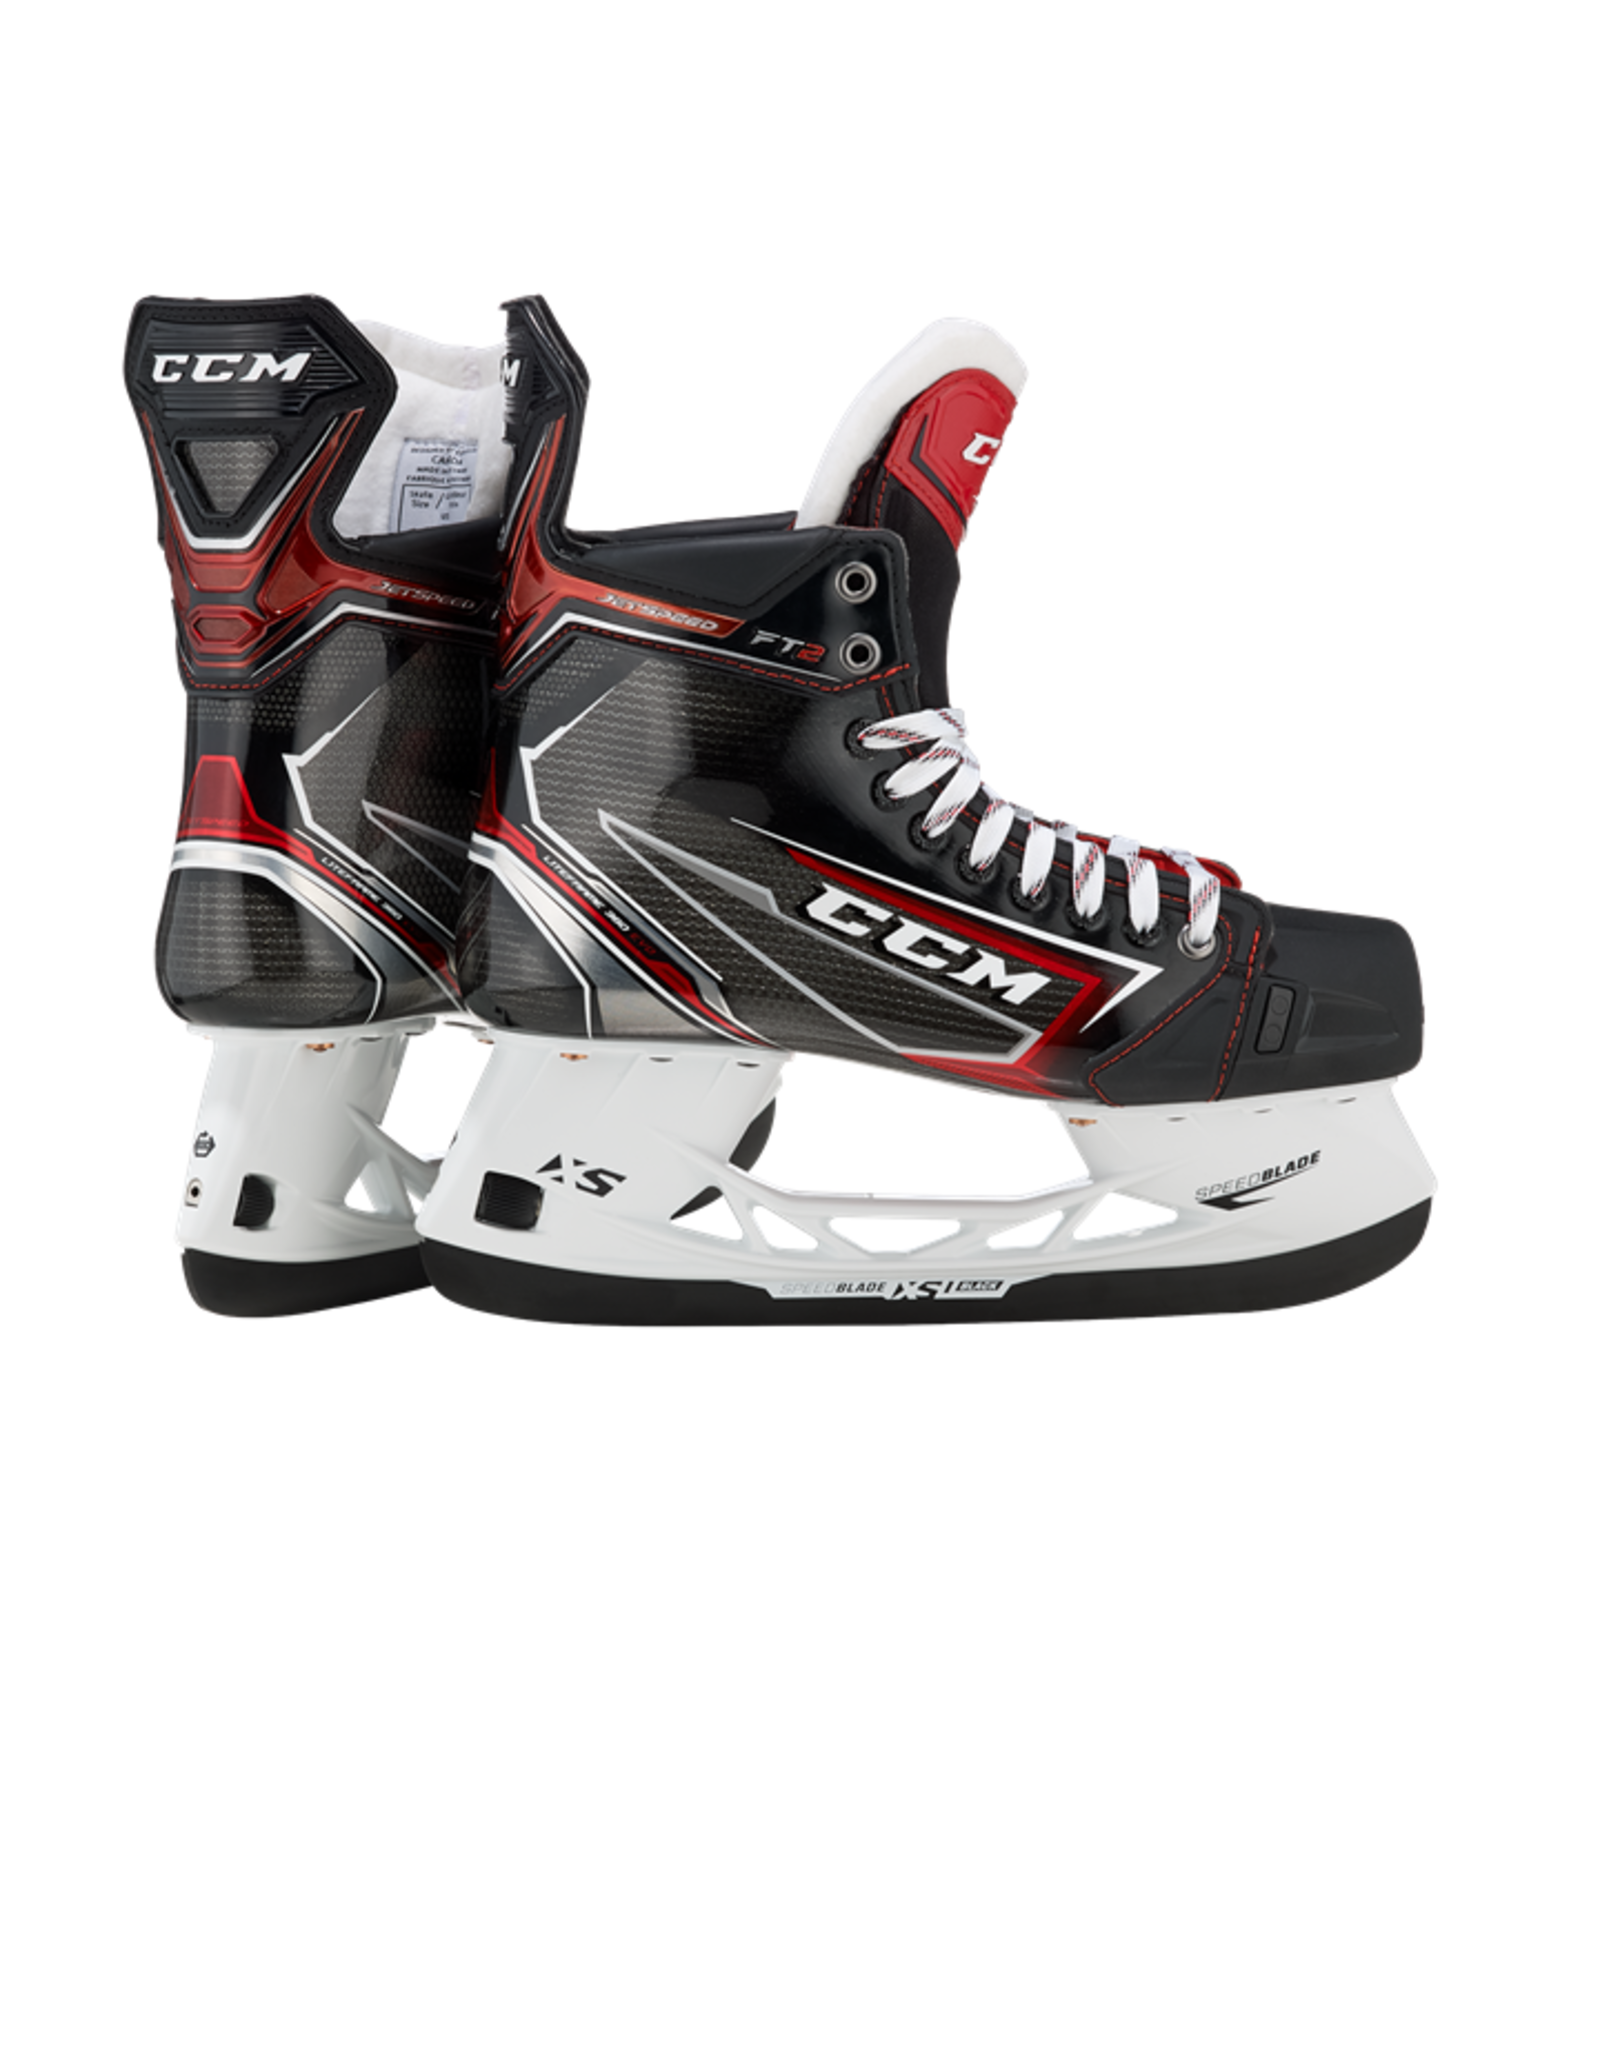 CCM Jetspeed FT2 Senior Hockey Skates